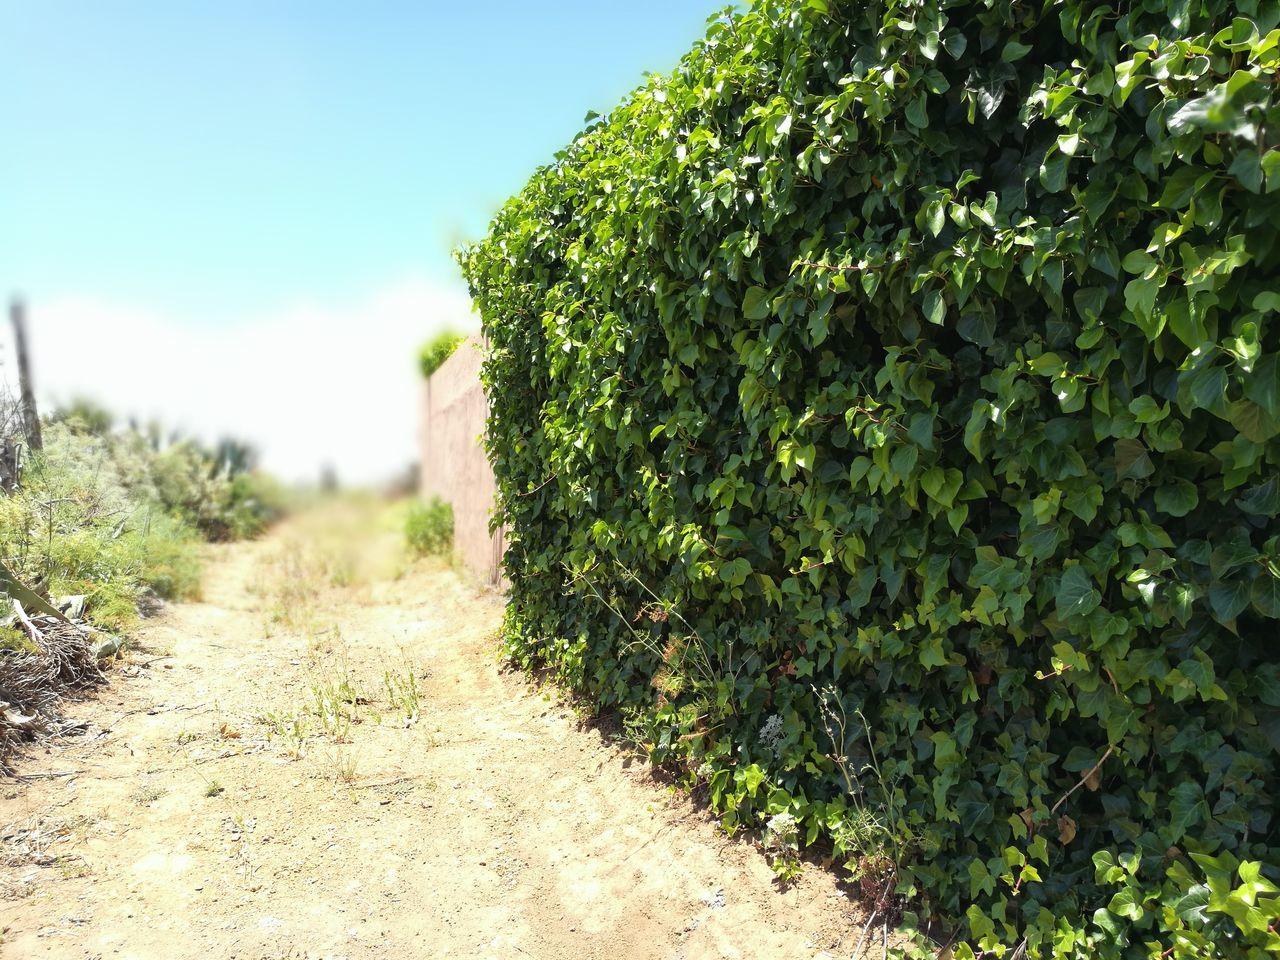 Plant Green Color Landscape Agriculture Rural Scene